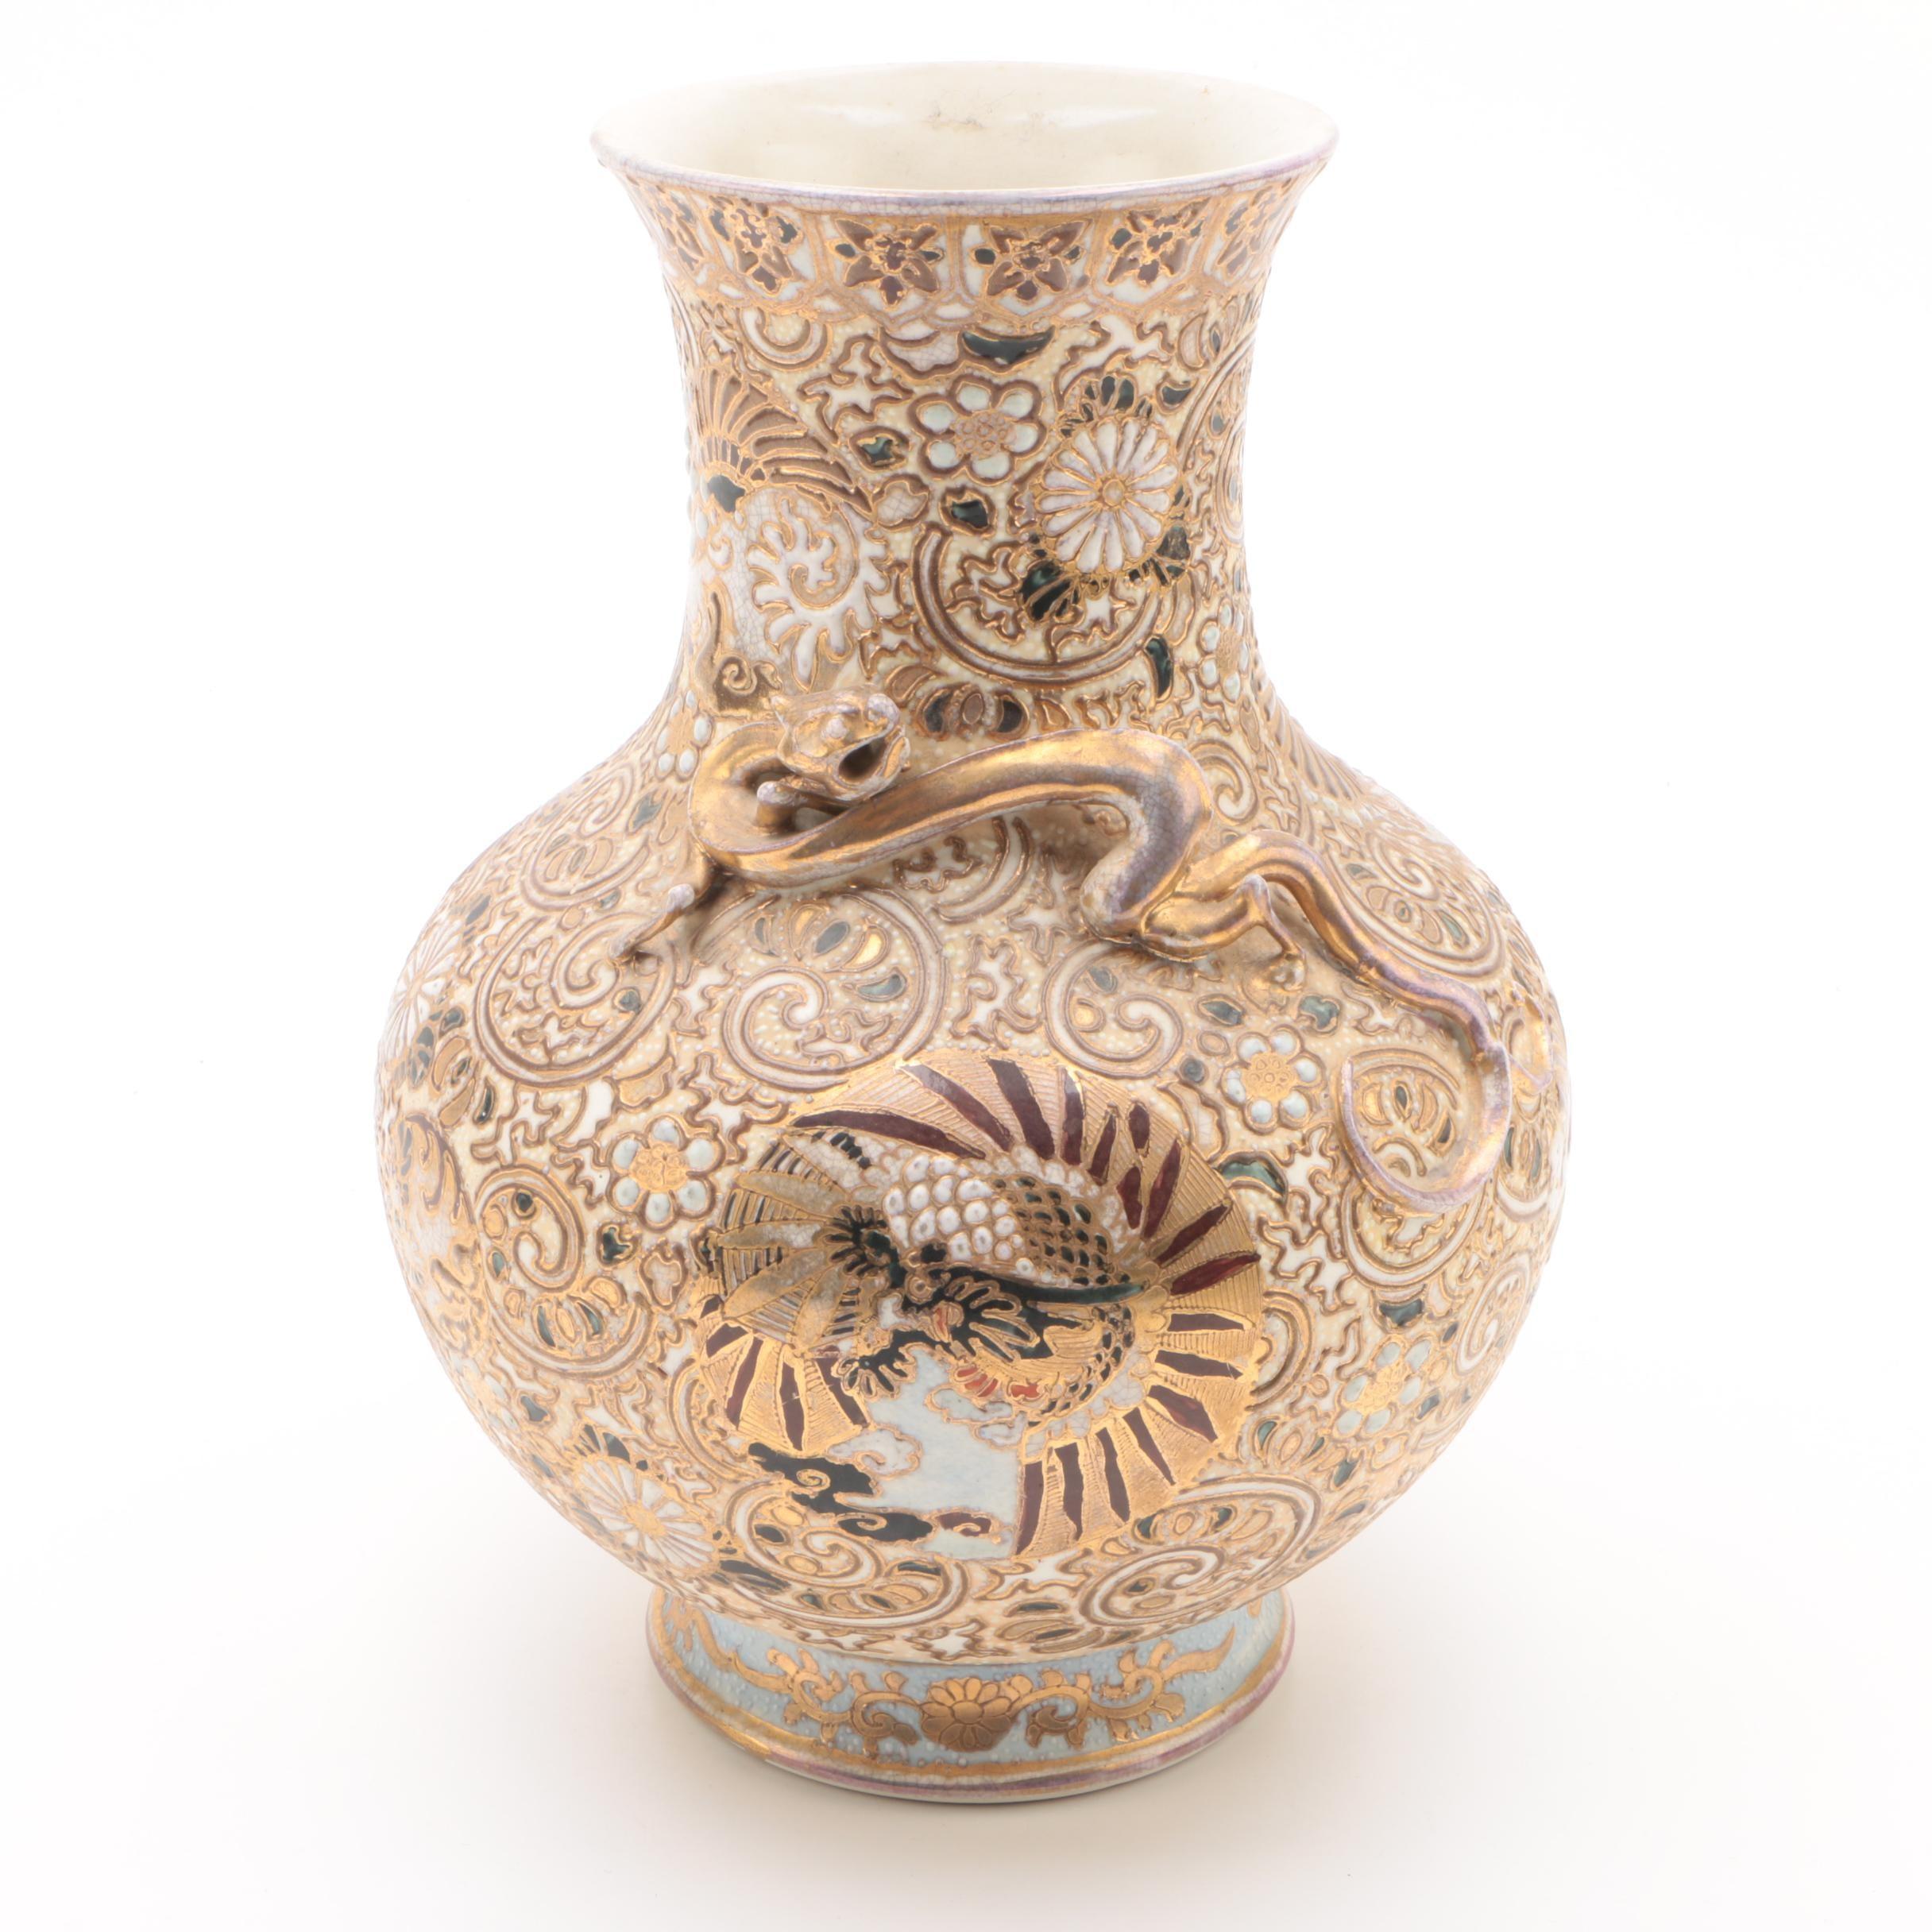 Chinese Satsuma Style Ceramic Vase